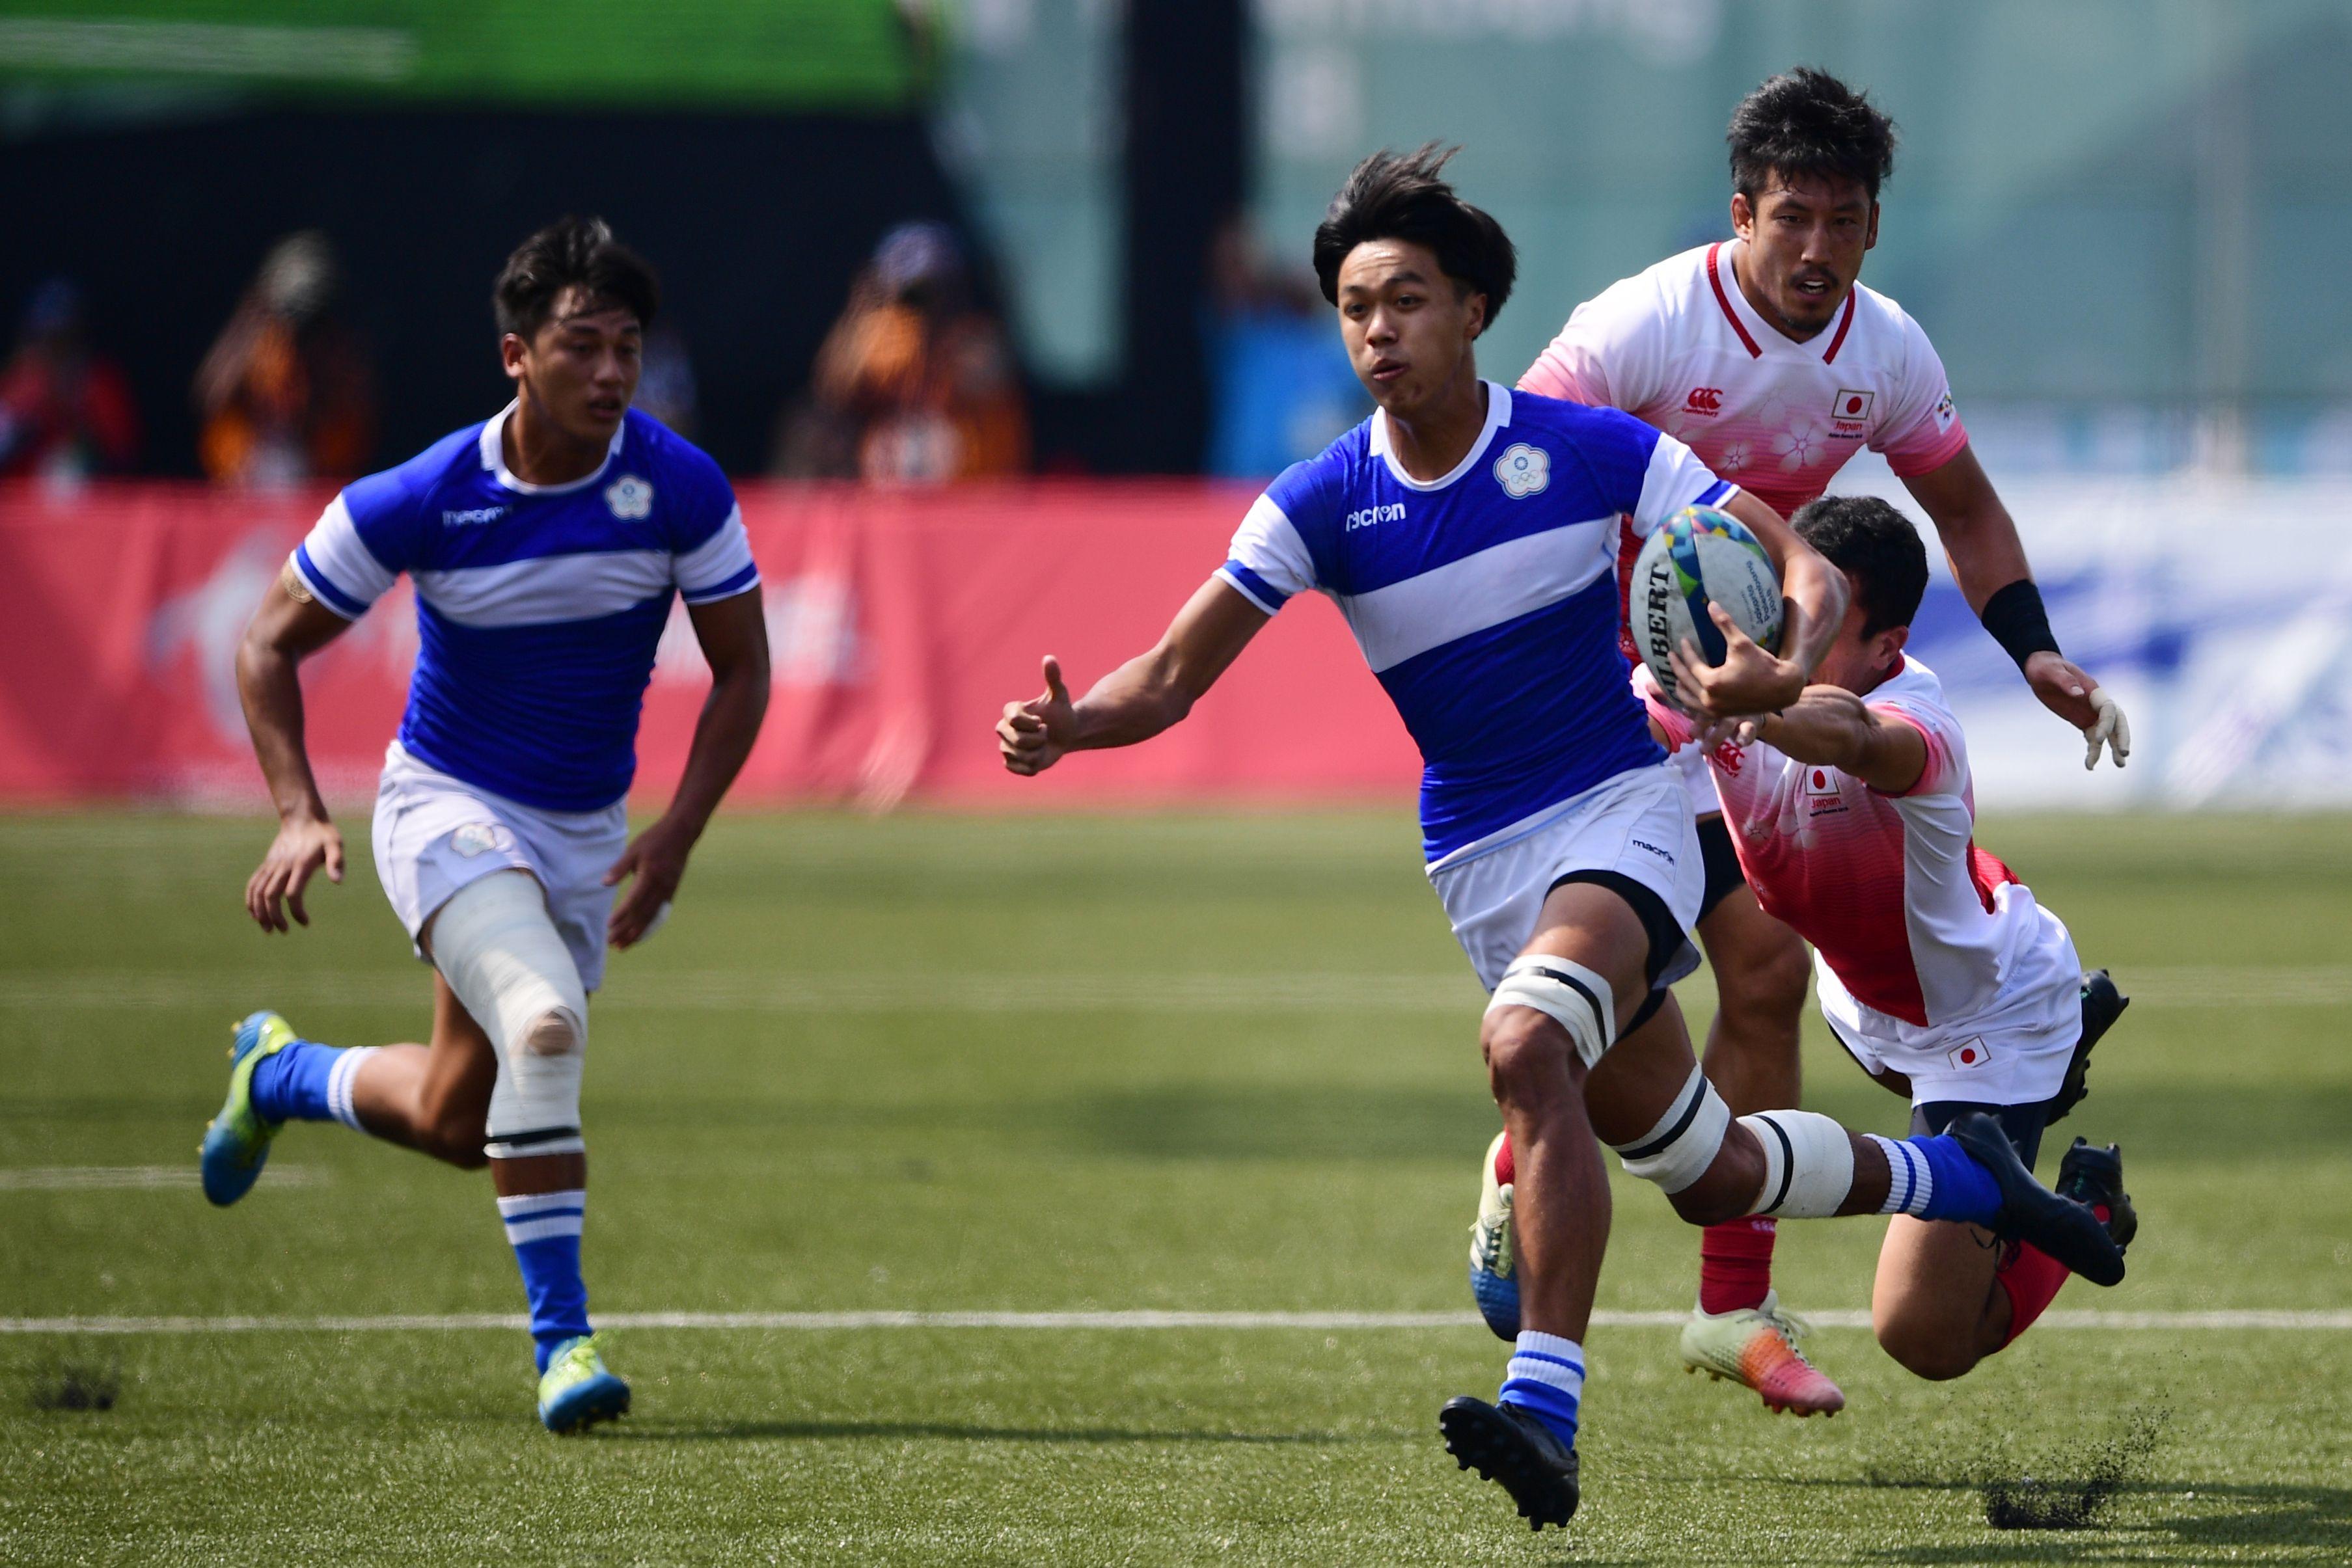 路透社報道說,中共打壓台灣無所不用其極,連台灣要舉辦橄欖球賽都加以阻攔。圖為2018年8月31日,台灣和日本的橄欖球選手在亞洲運動會上競技。(MARTIN BUREAU/AFP/Getty Images)